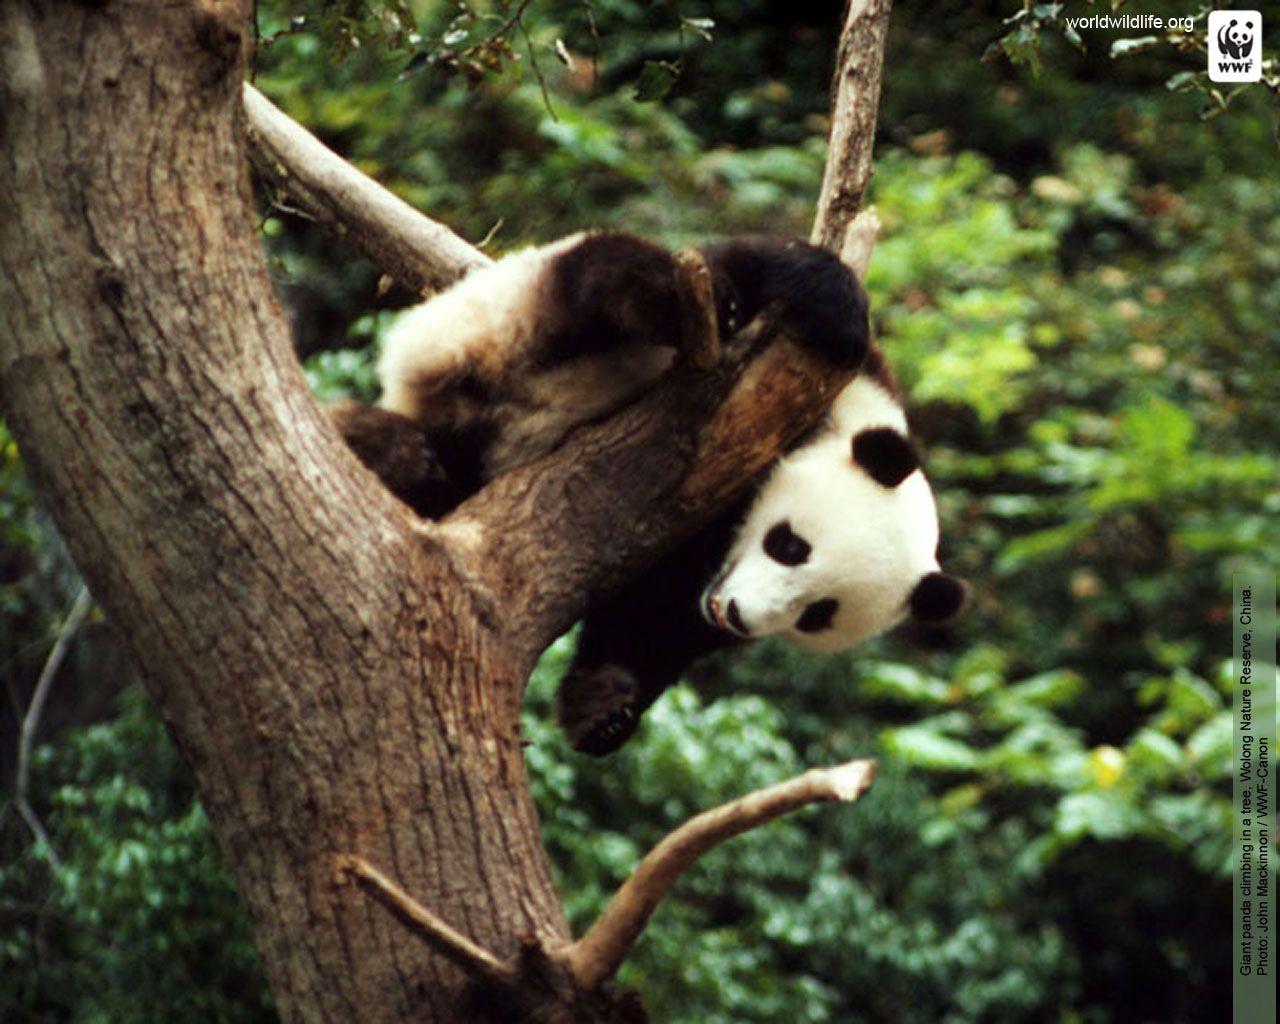 Panda Wallpaper Wwf Panda Panda Wallpapers Panda Bear